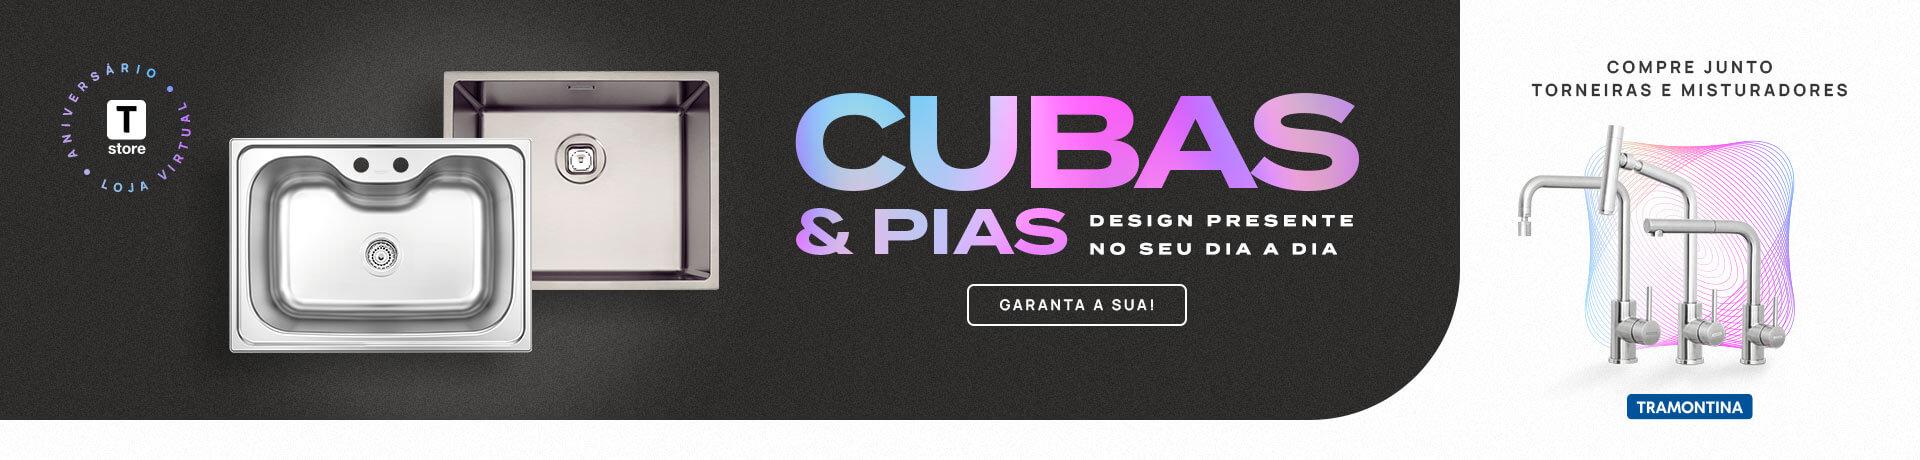 Banner - 8 Cubas